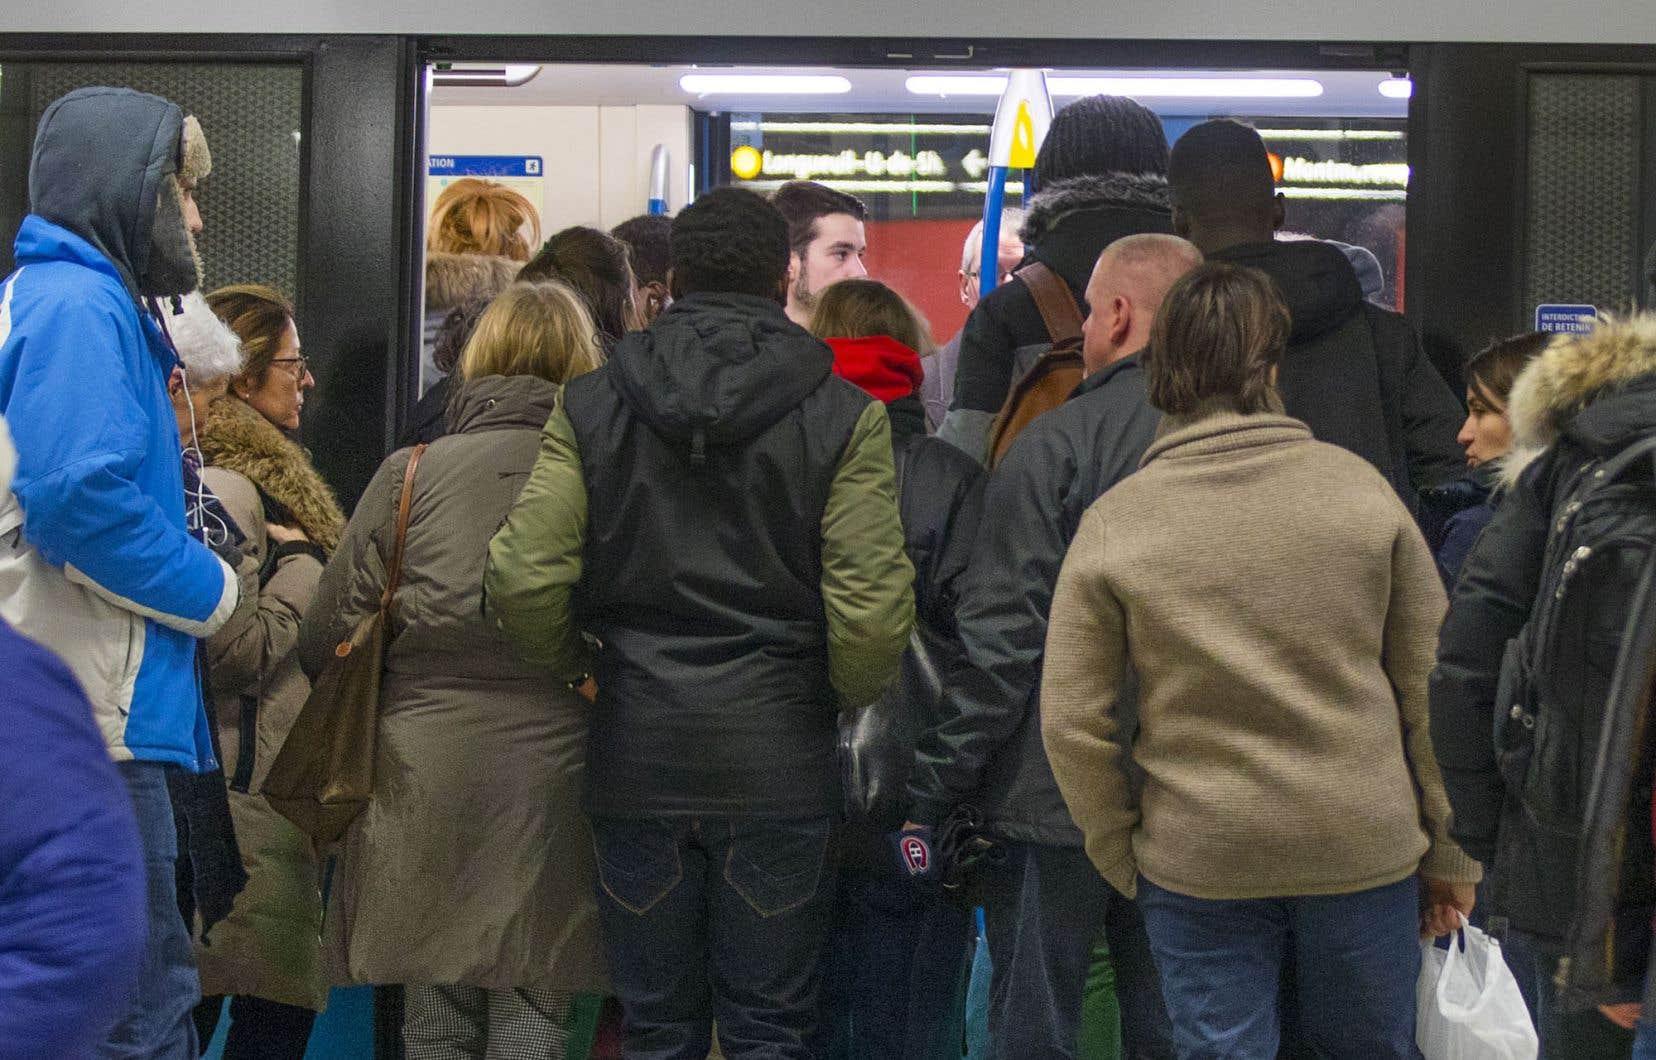 Bombardier-Alstom dit avoir trouvé la solution au problème des portes qui se bloquent, solution qui sera mise en application dans les prochaines semaines.